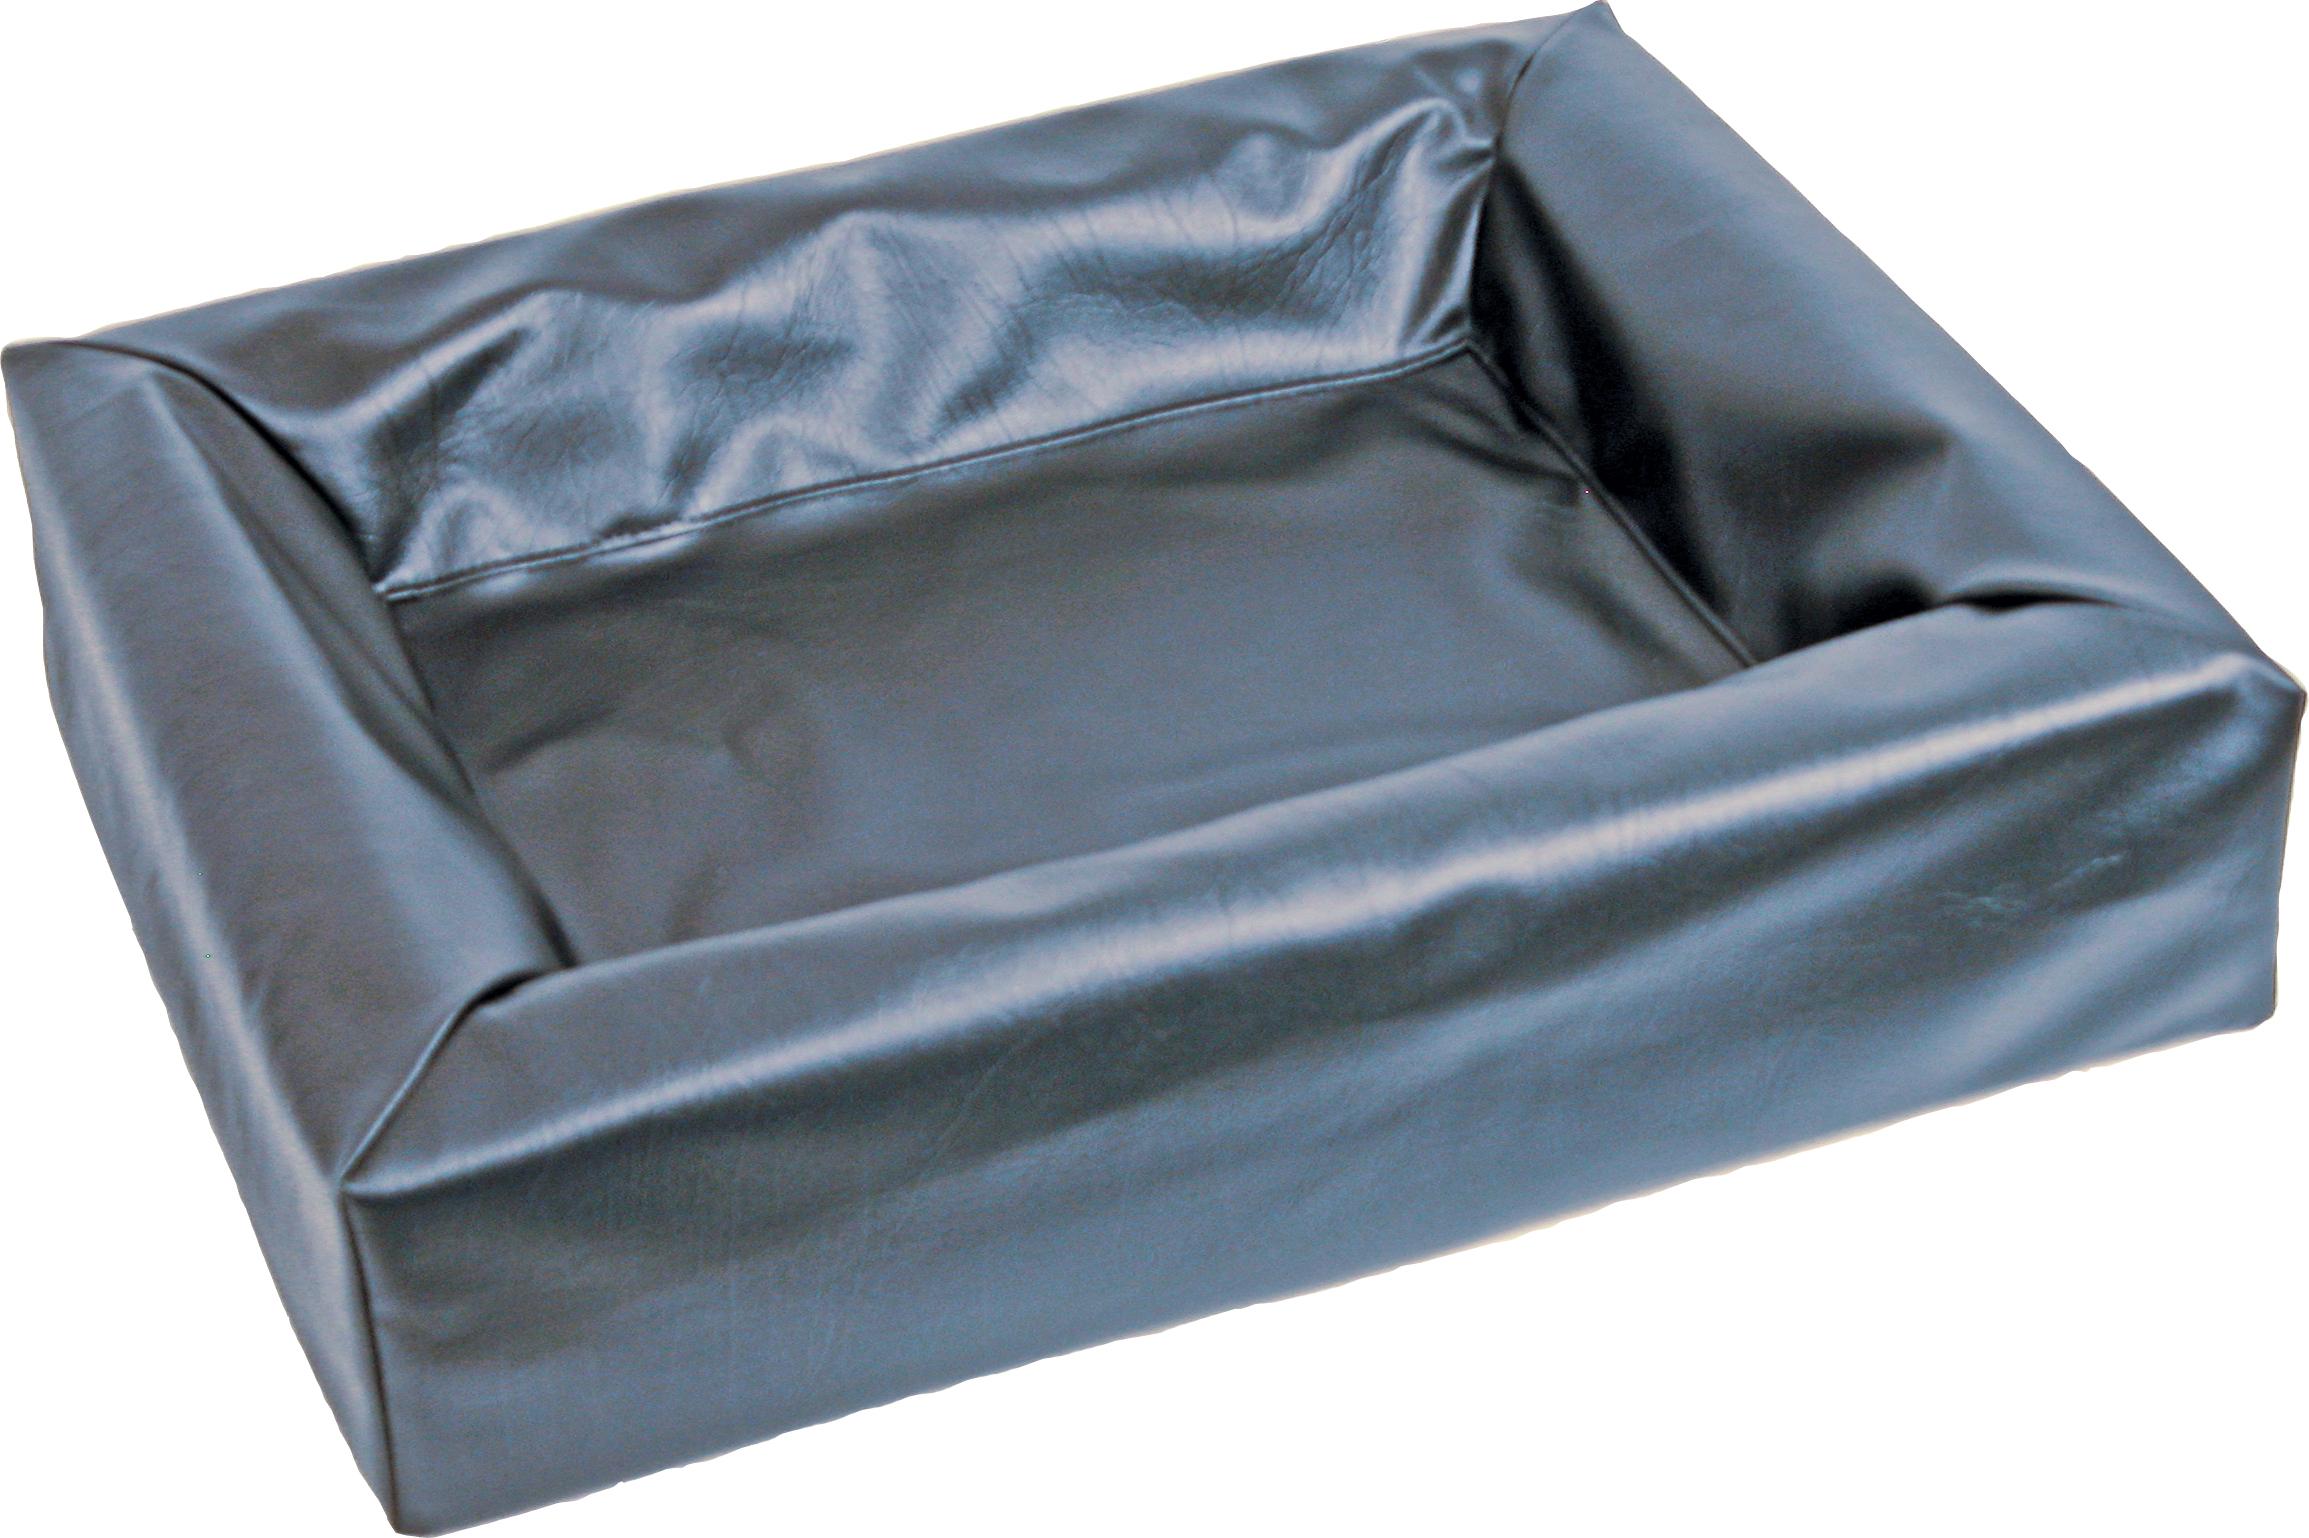 Hundbädd Dogman Bia, Svart Nr 2 - 50x60 cm